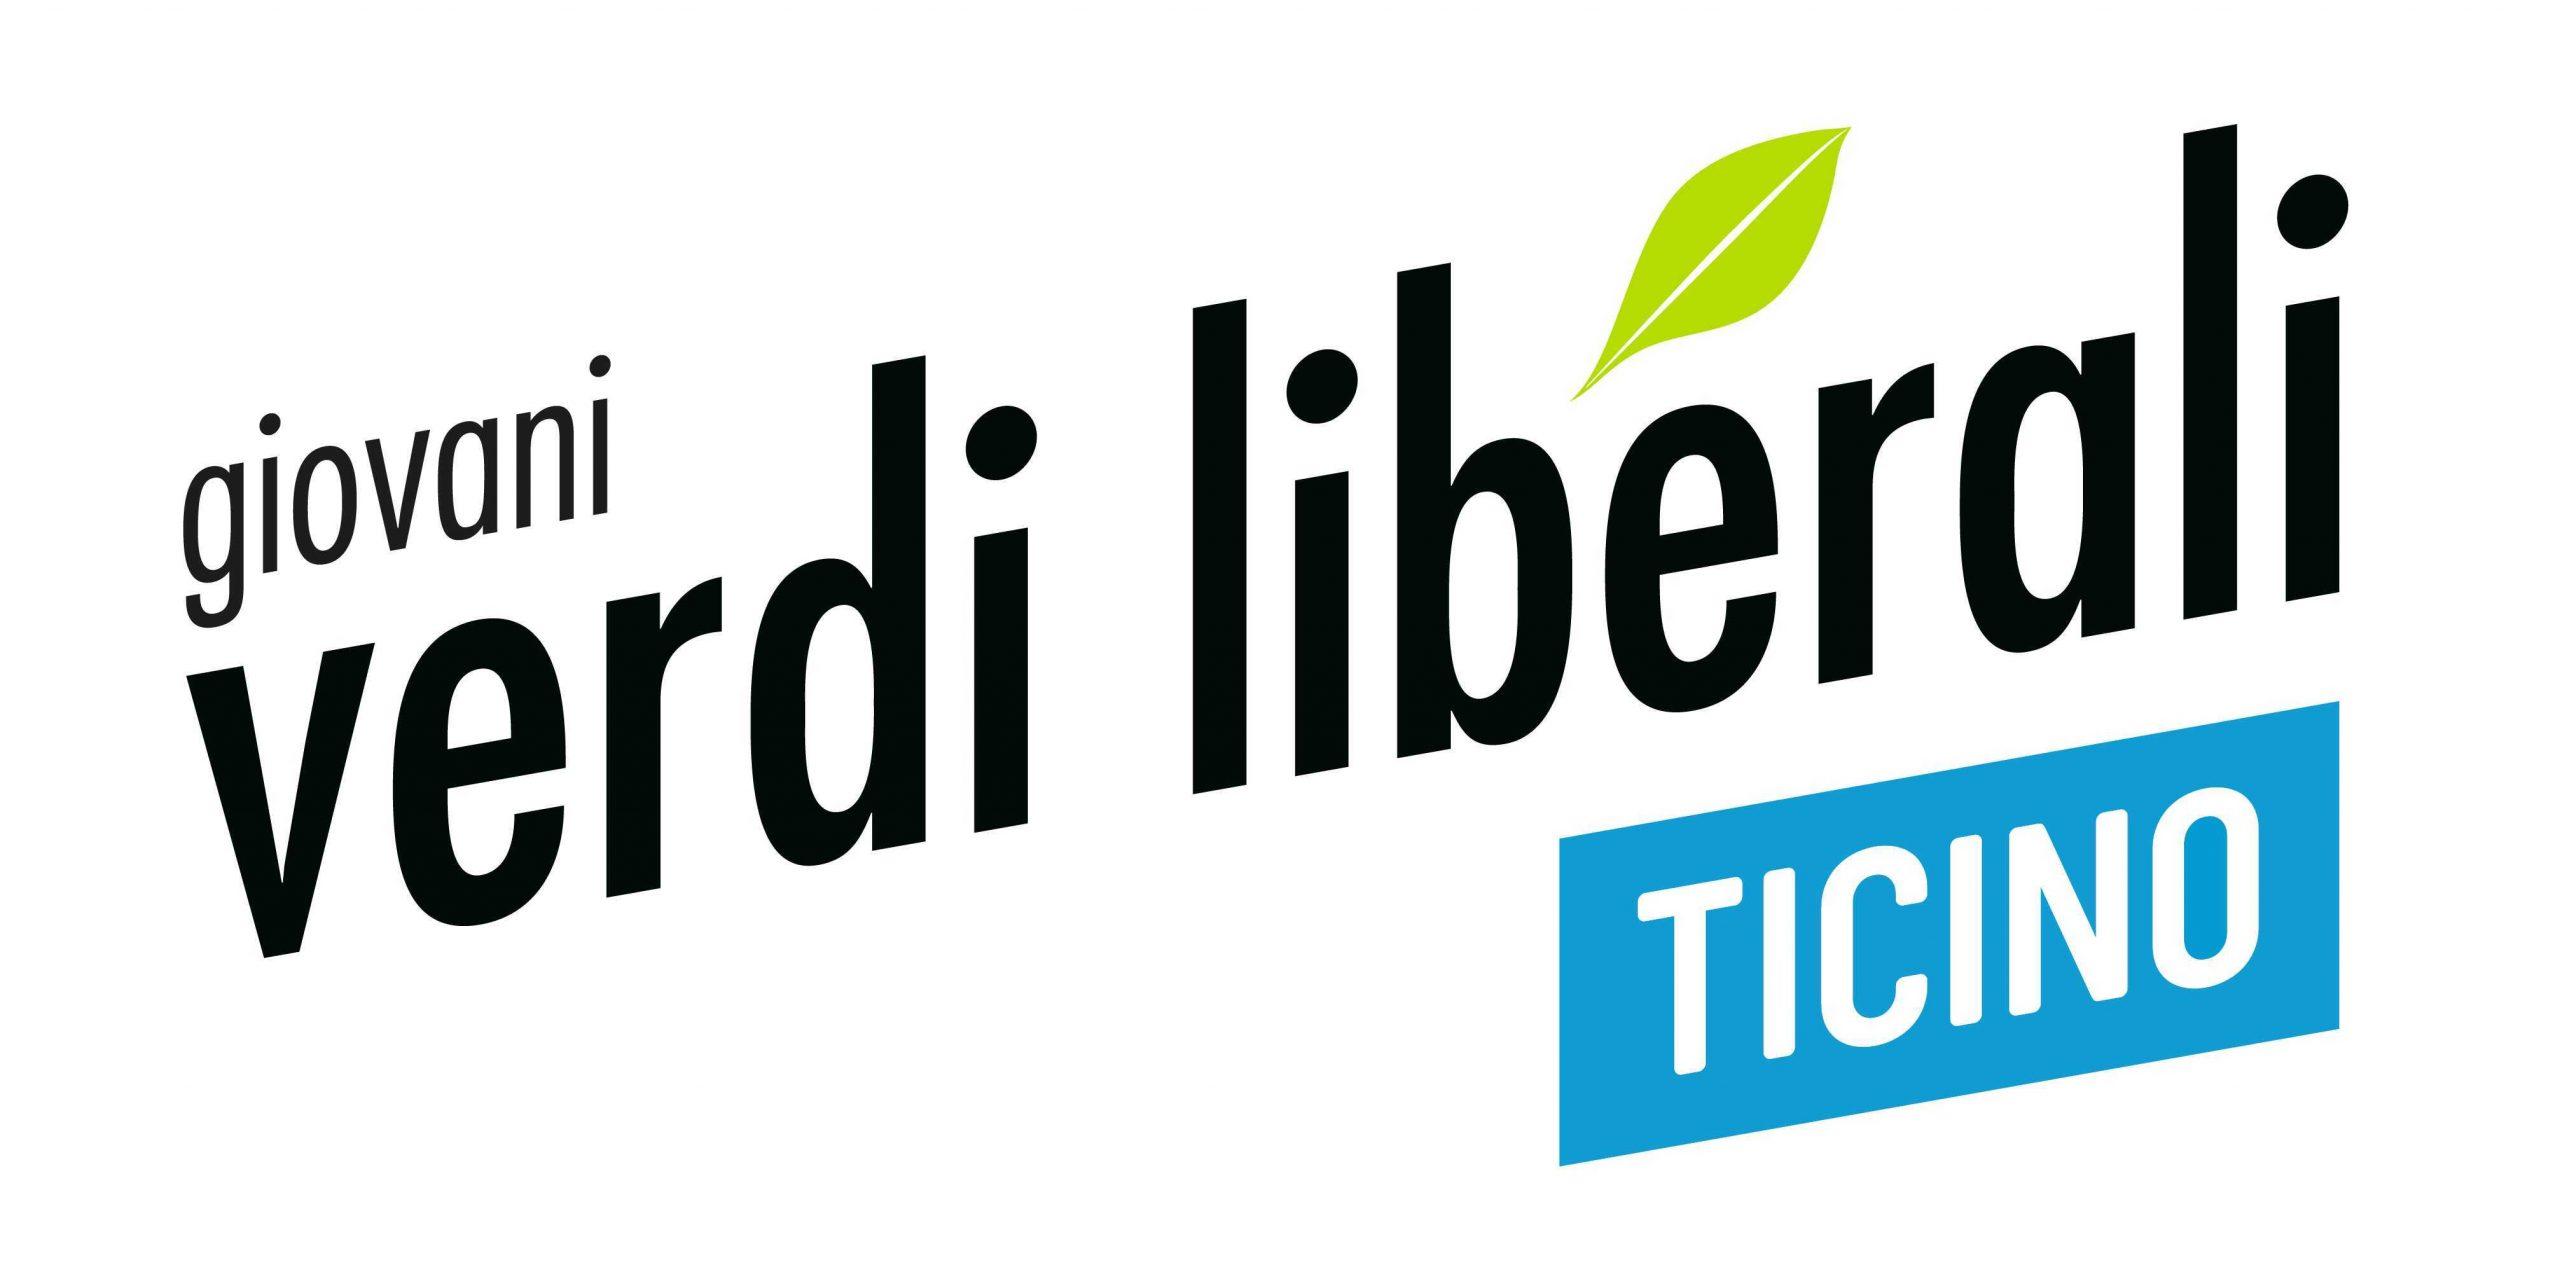 Il sito ufficiale dei giovani verdi liberali Ticino